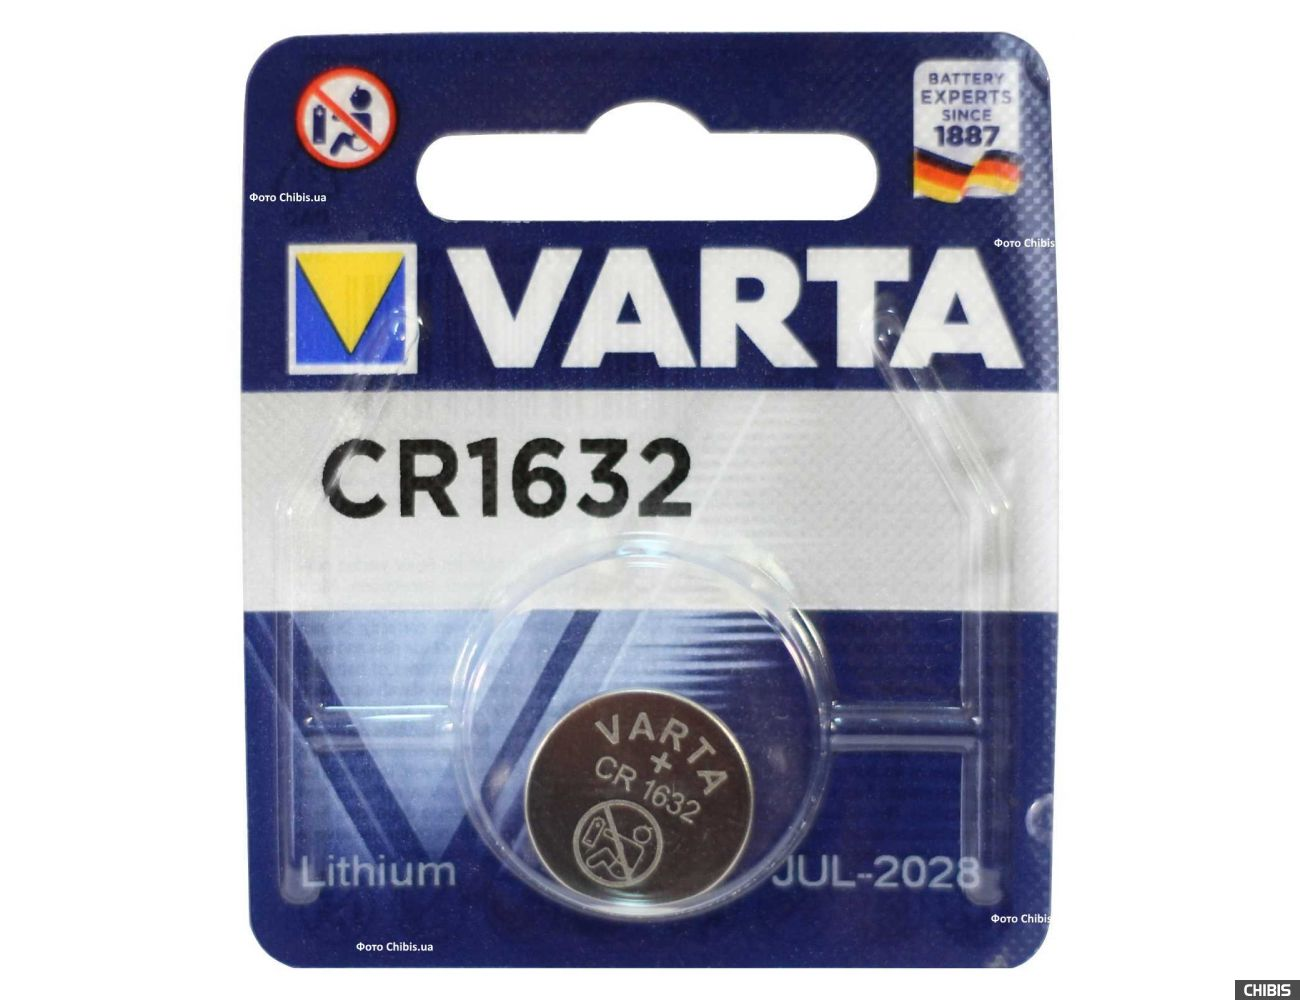 Батарейка CR 1632 Varta Professional Electronics (140mAh, 3V, Литиевая) 06632101401